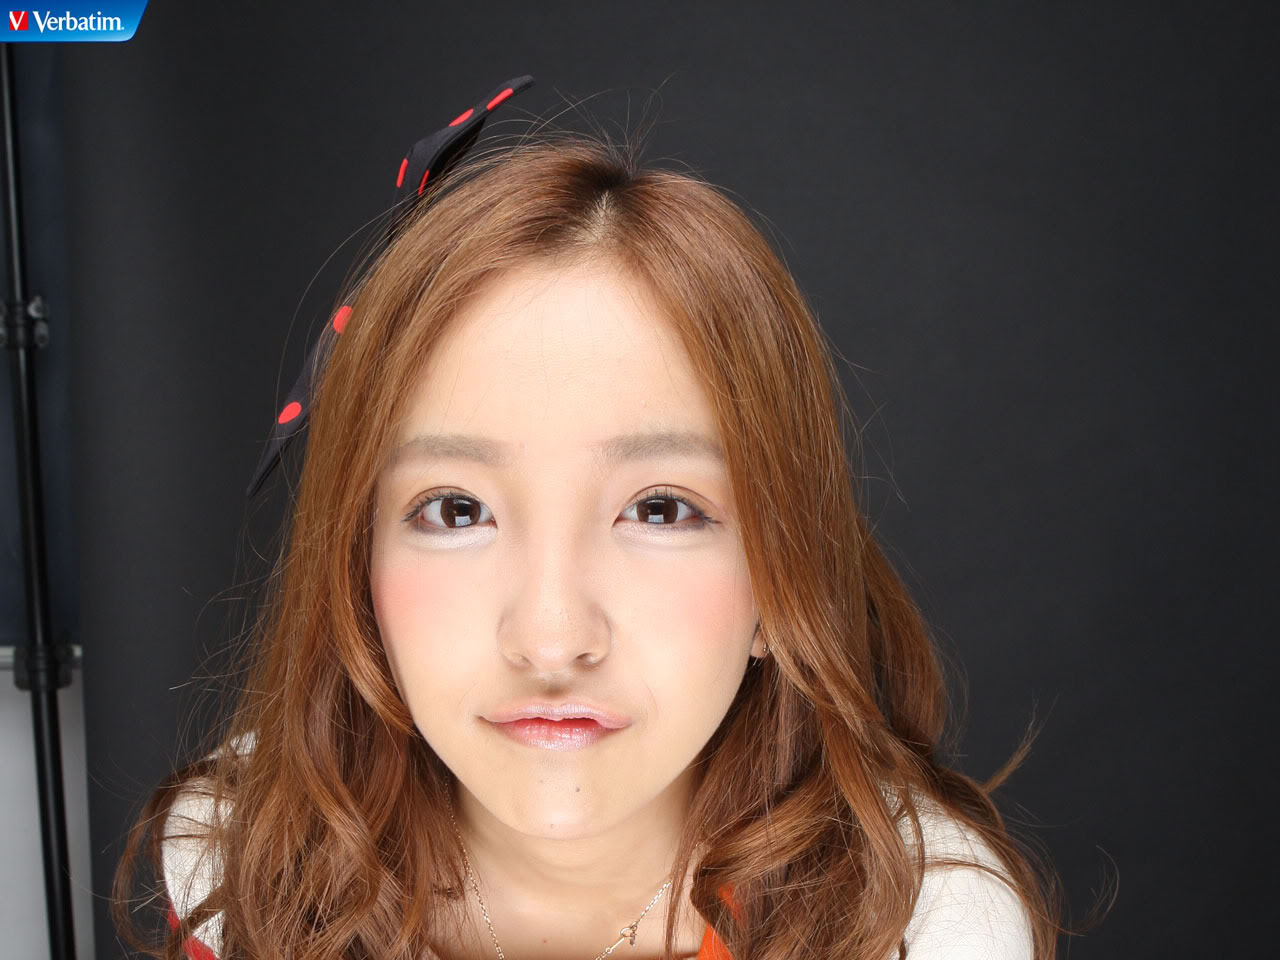 板野友美の画像 p1_31